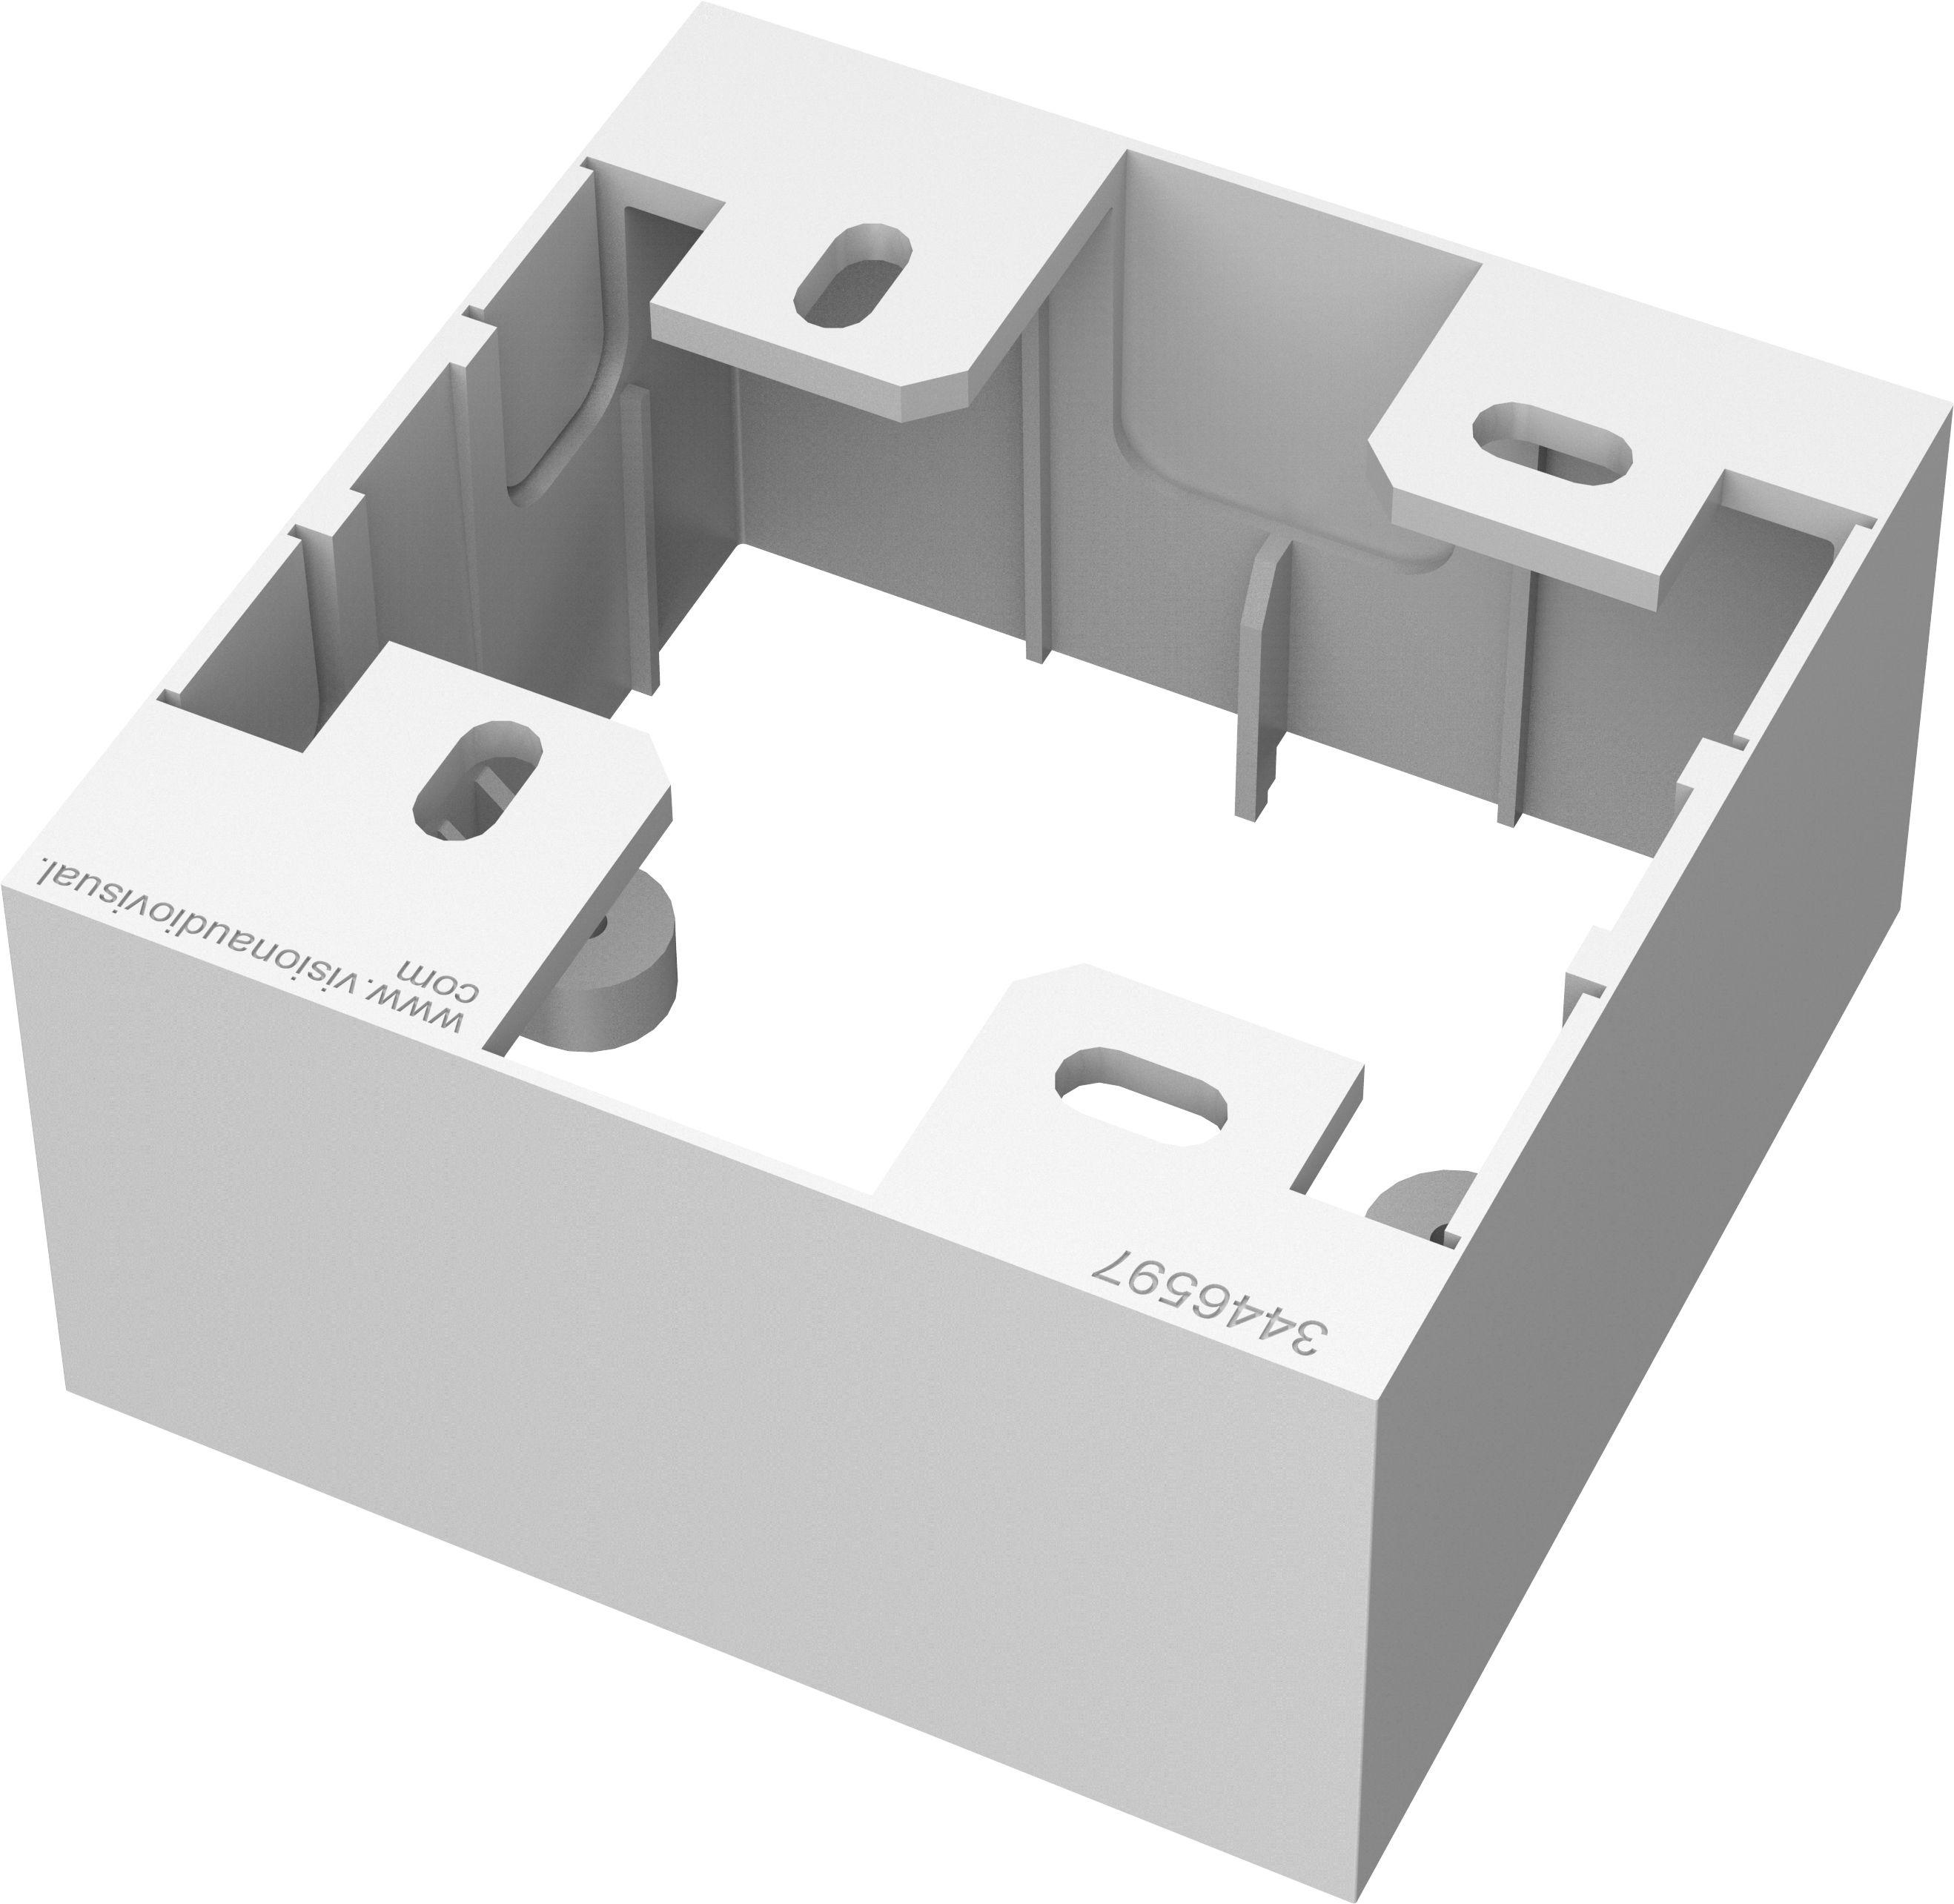 Vision Caixa De Aparelhagem Para Ficha Simples Modelo Inglês Para Montagem Encastrada Branca Caixa De Aparelhagem Padrão Para Ficha Simples